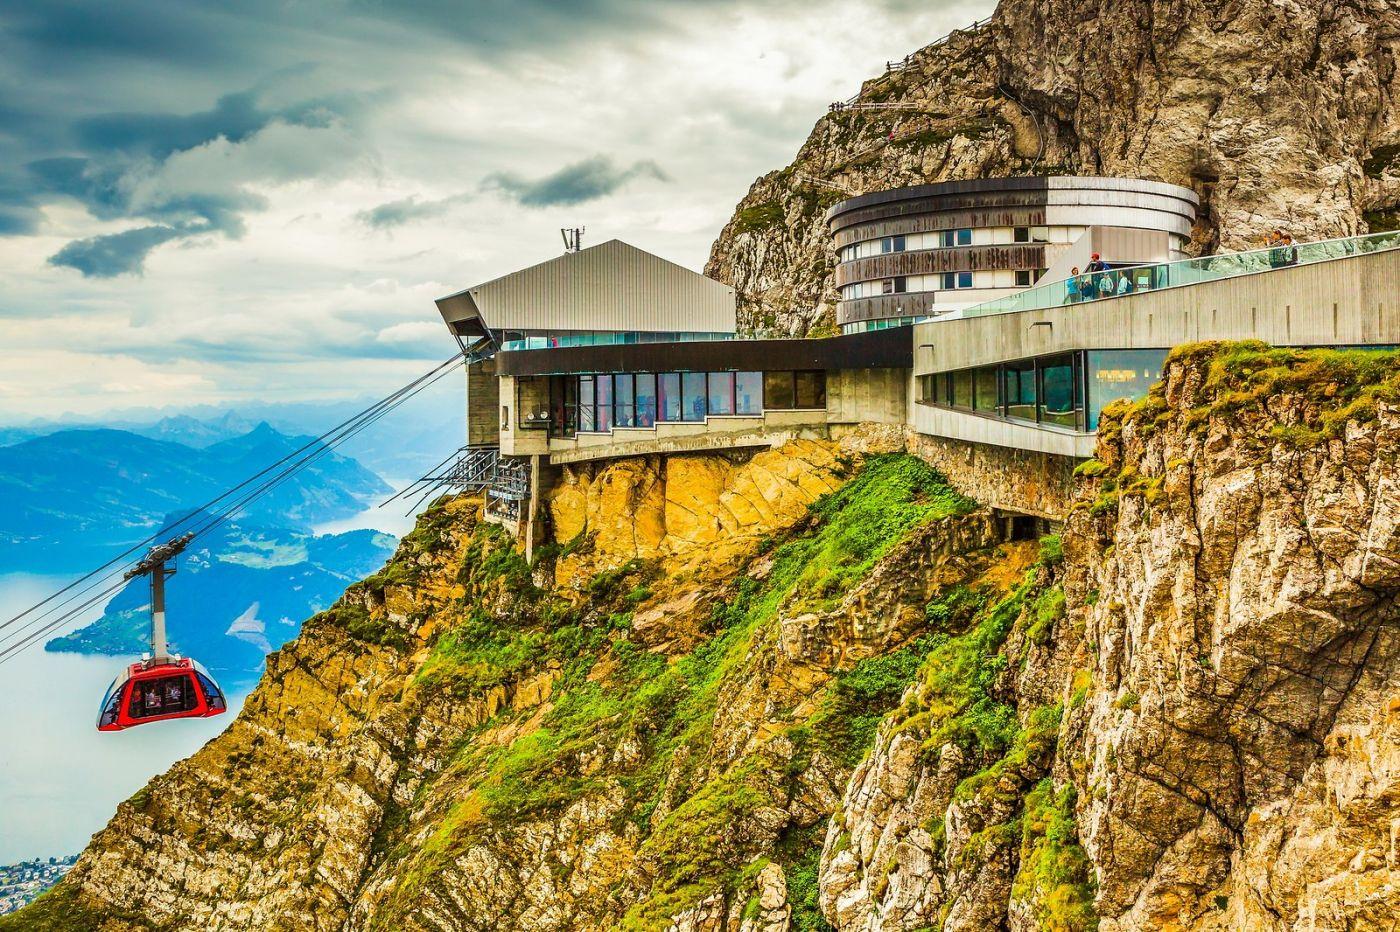 瑞士卢塞恩(Lucerne),坐缆车看风景_图1-29